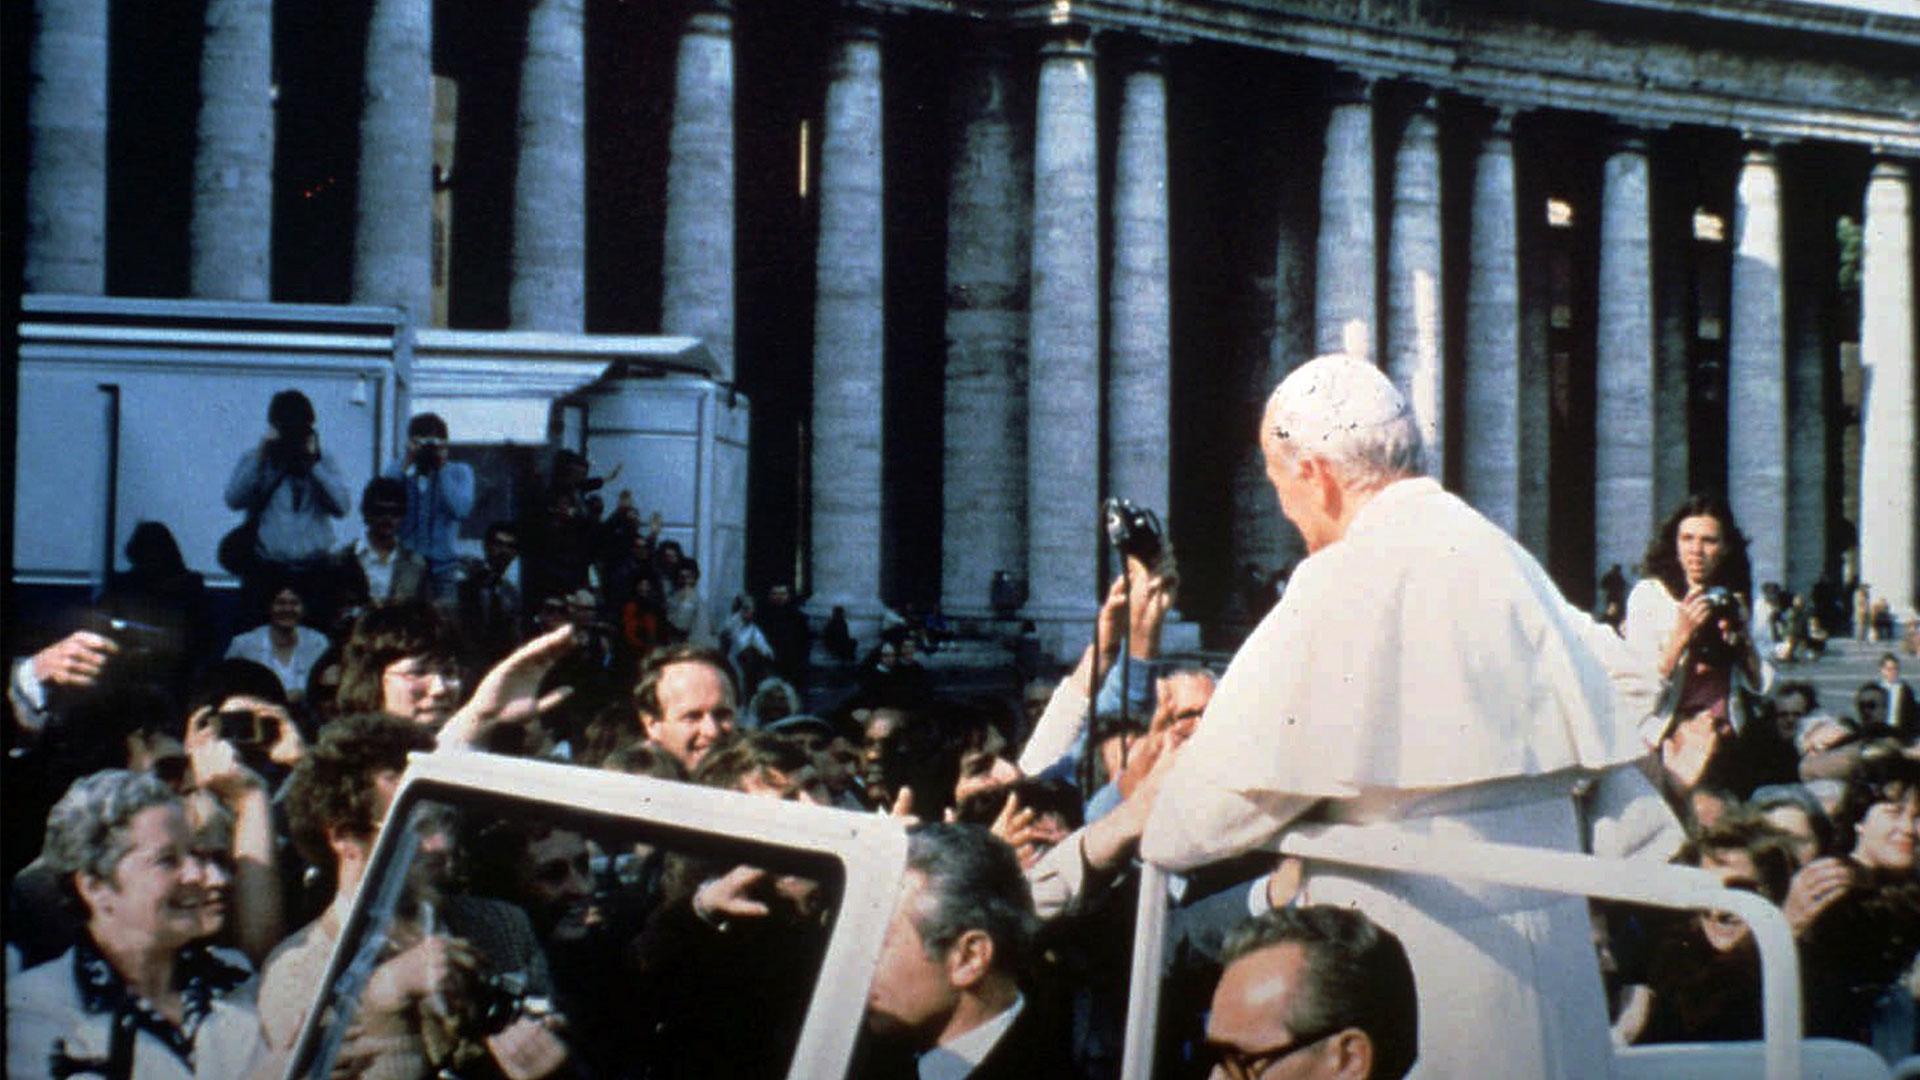 Иоанн Павел II занесколько минут допокушения. <br>